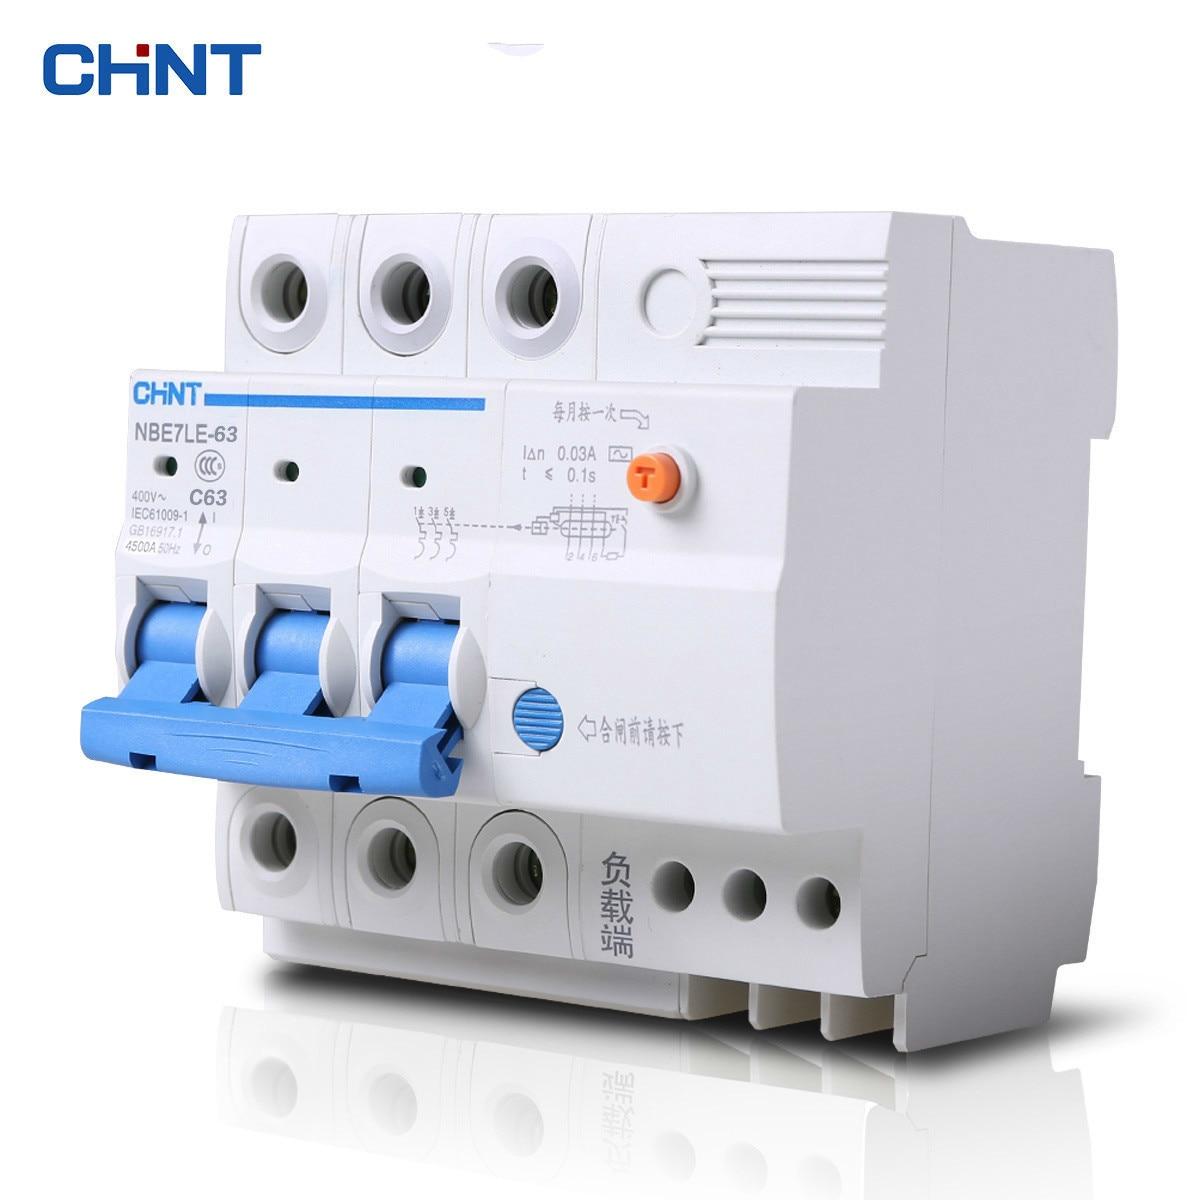 CHINT Proteção Contra Vazamento de Três-NBE7LE 3 P 63A Disjuntor Monofásico Com Protetor do Escapamento de Ar Interruptor